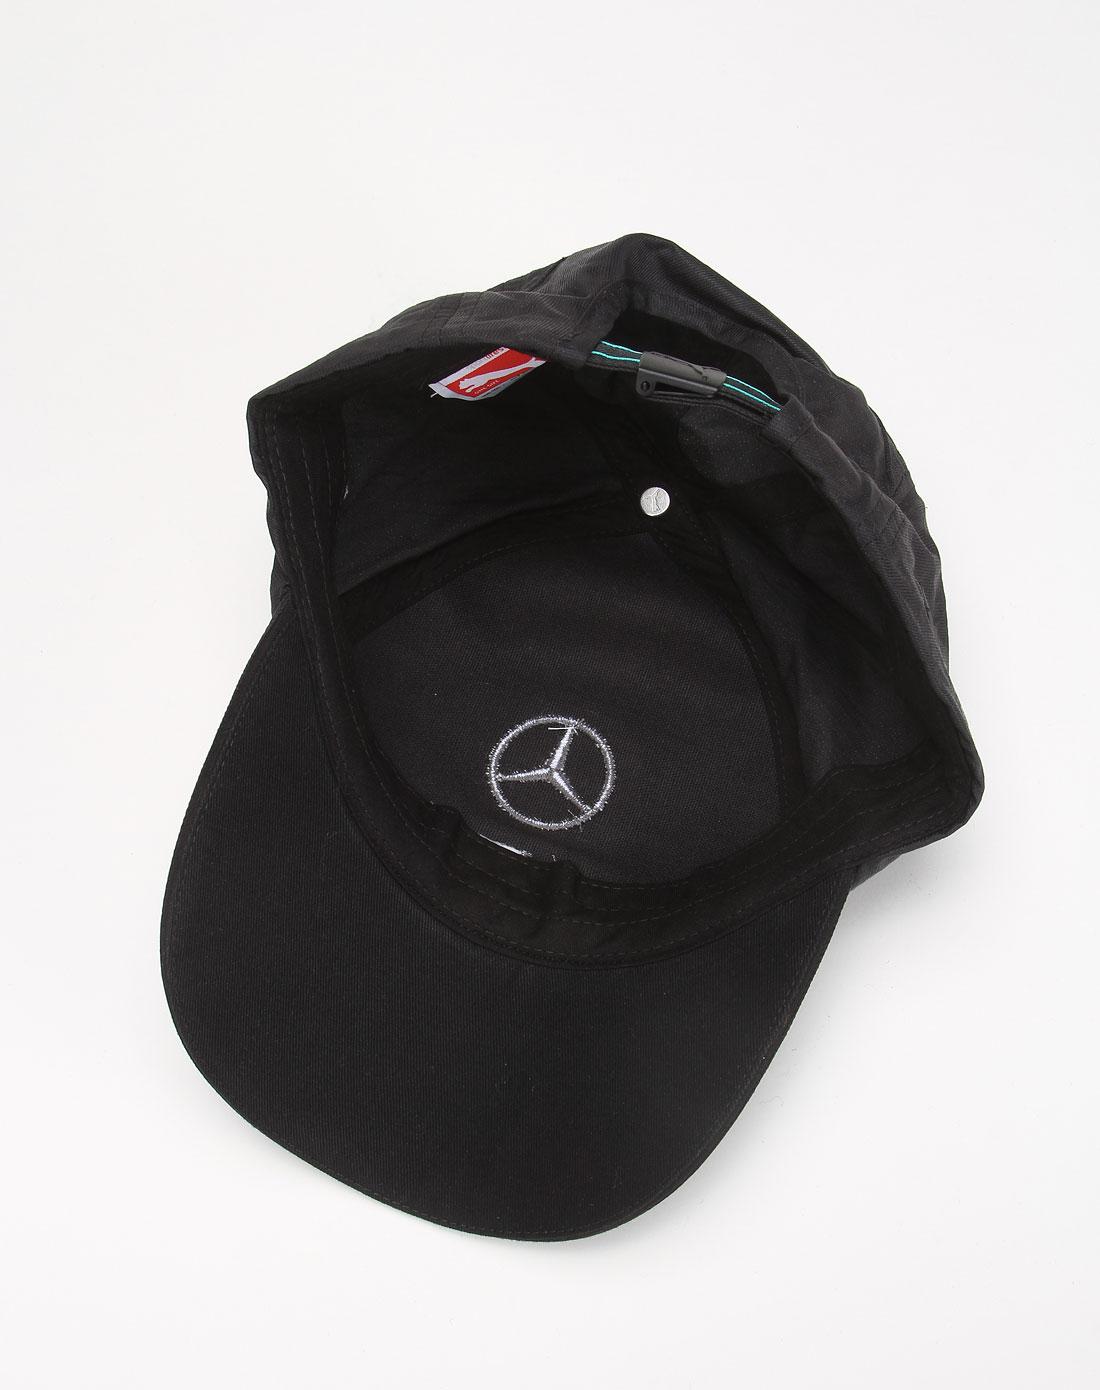 彪马puma男款奔驰赛车系列黑色帽子56418001